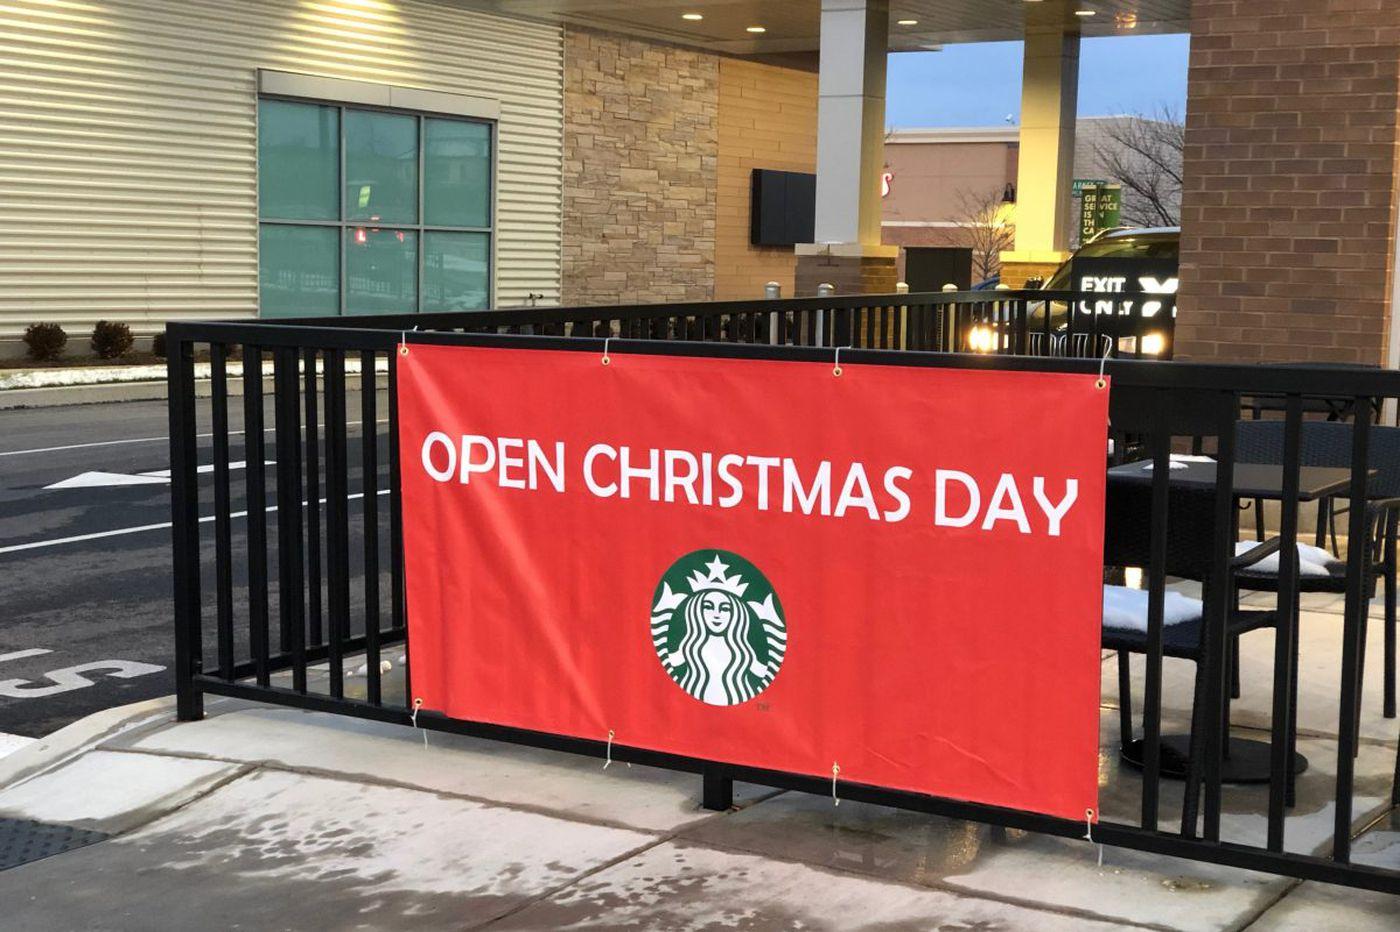 What restaurants are open on Christmas in Philadelphia?